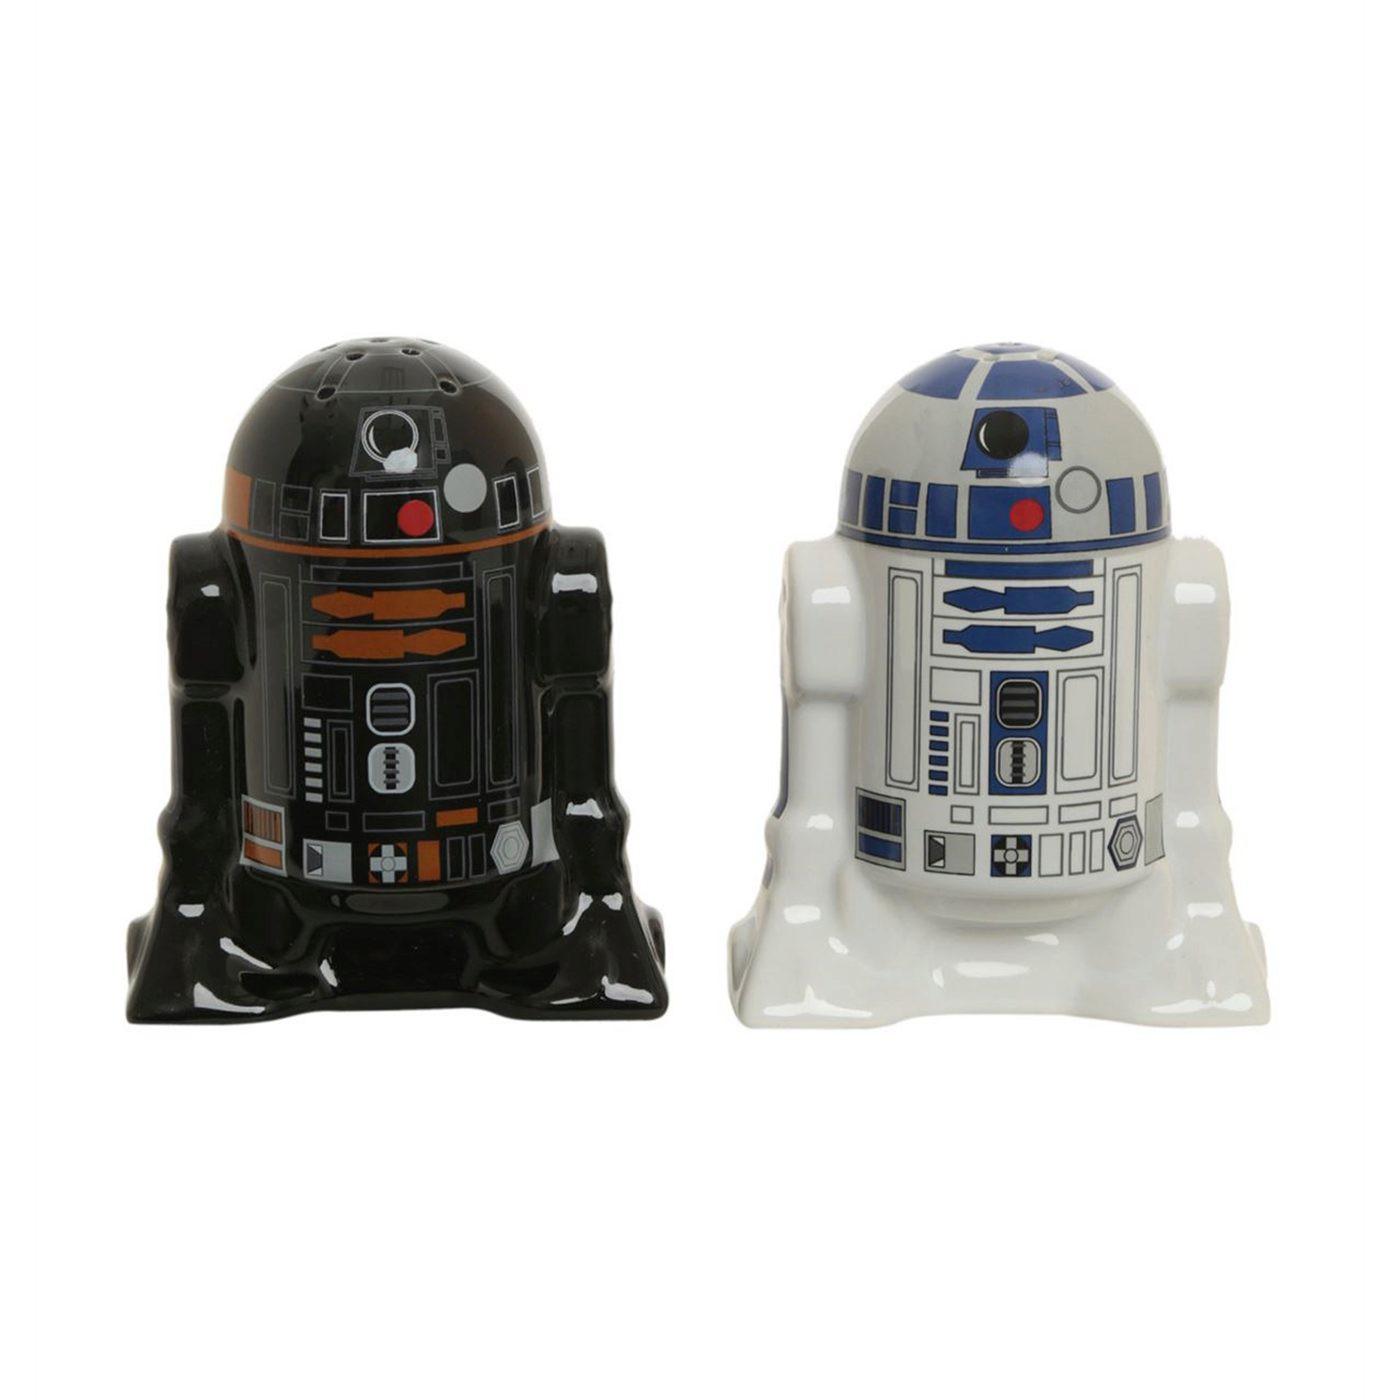 Star Wars R2D2 & R2Q5 Salt & Pepper Shakers